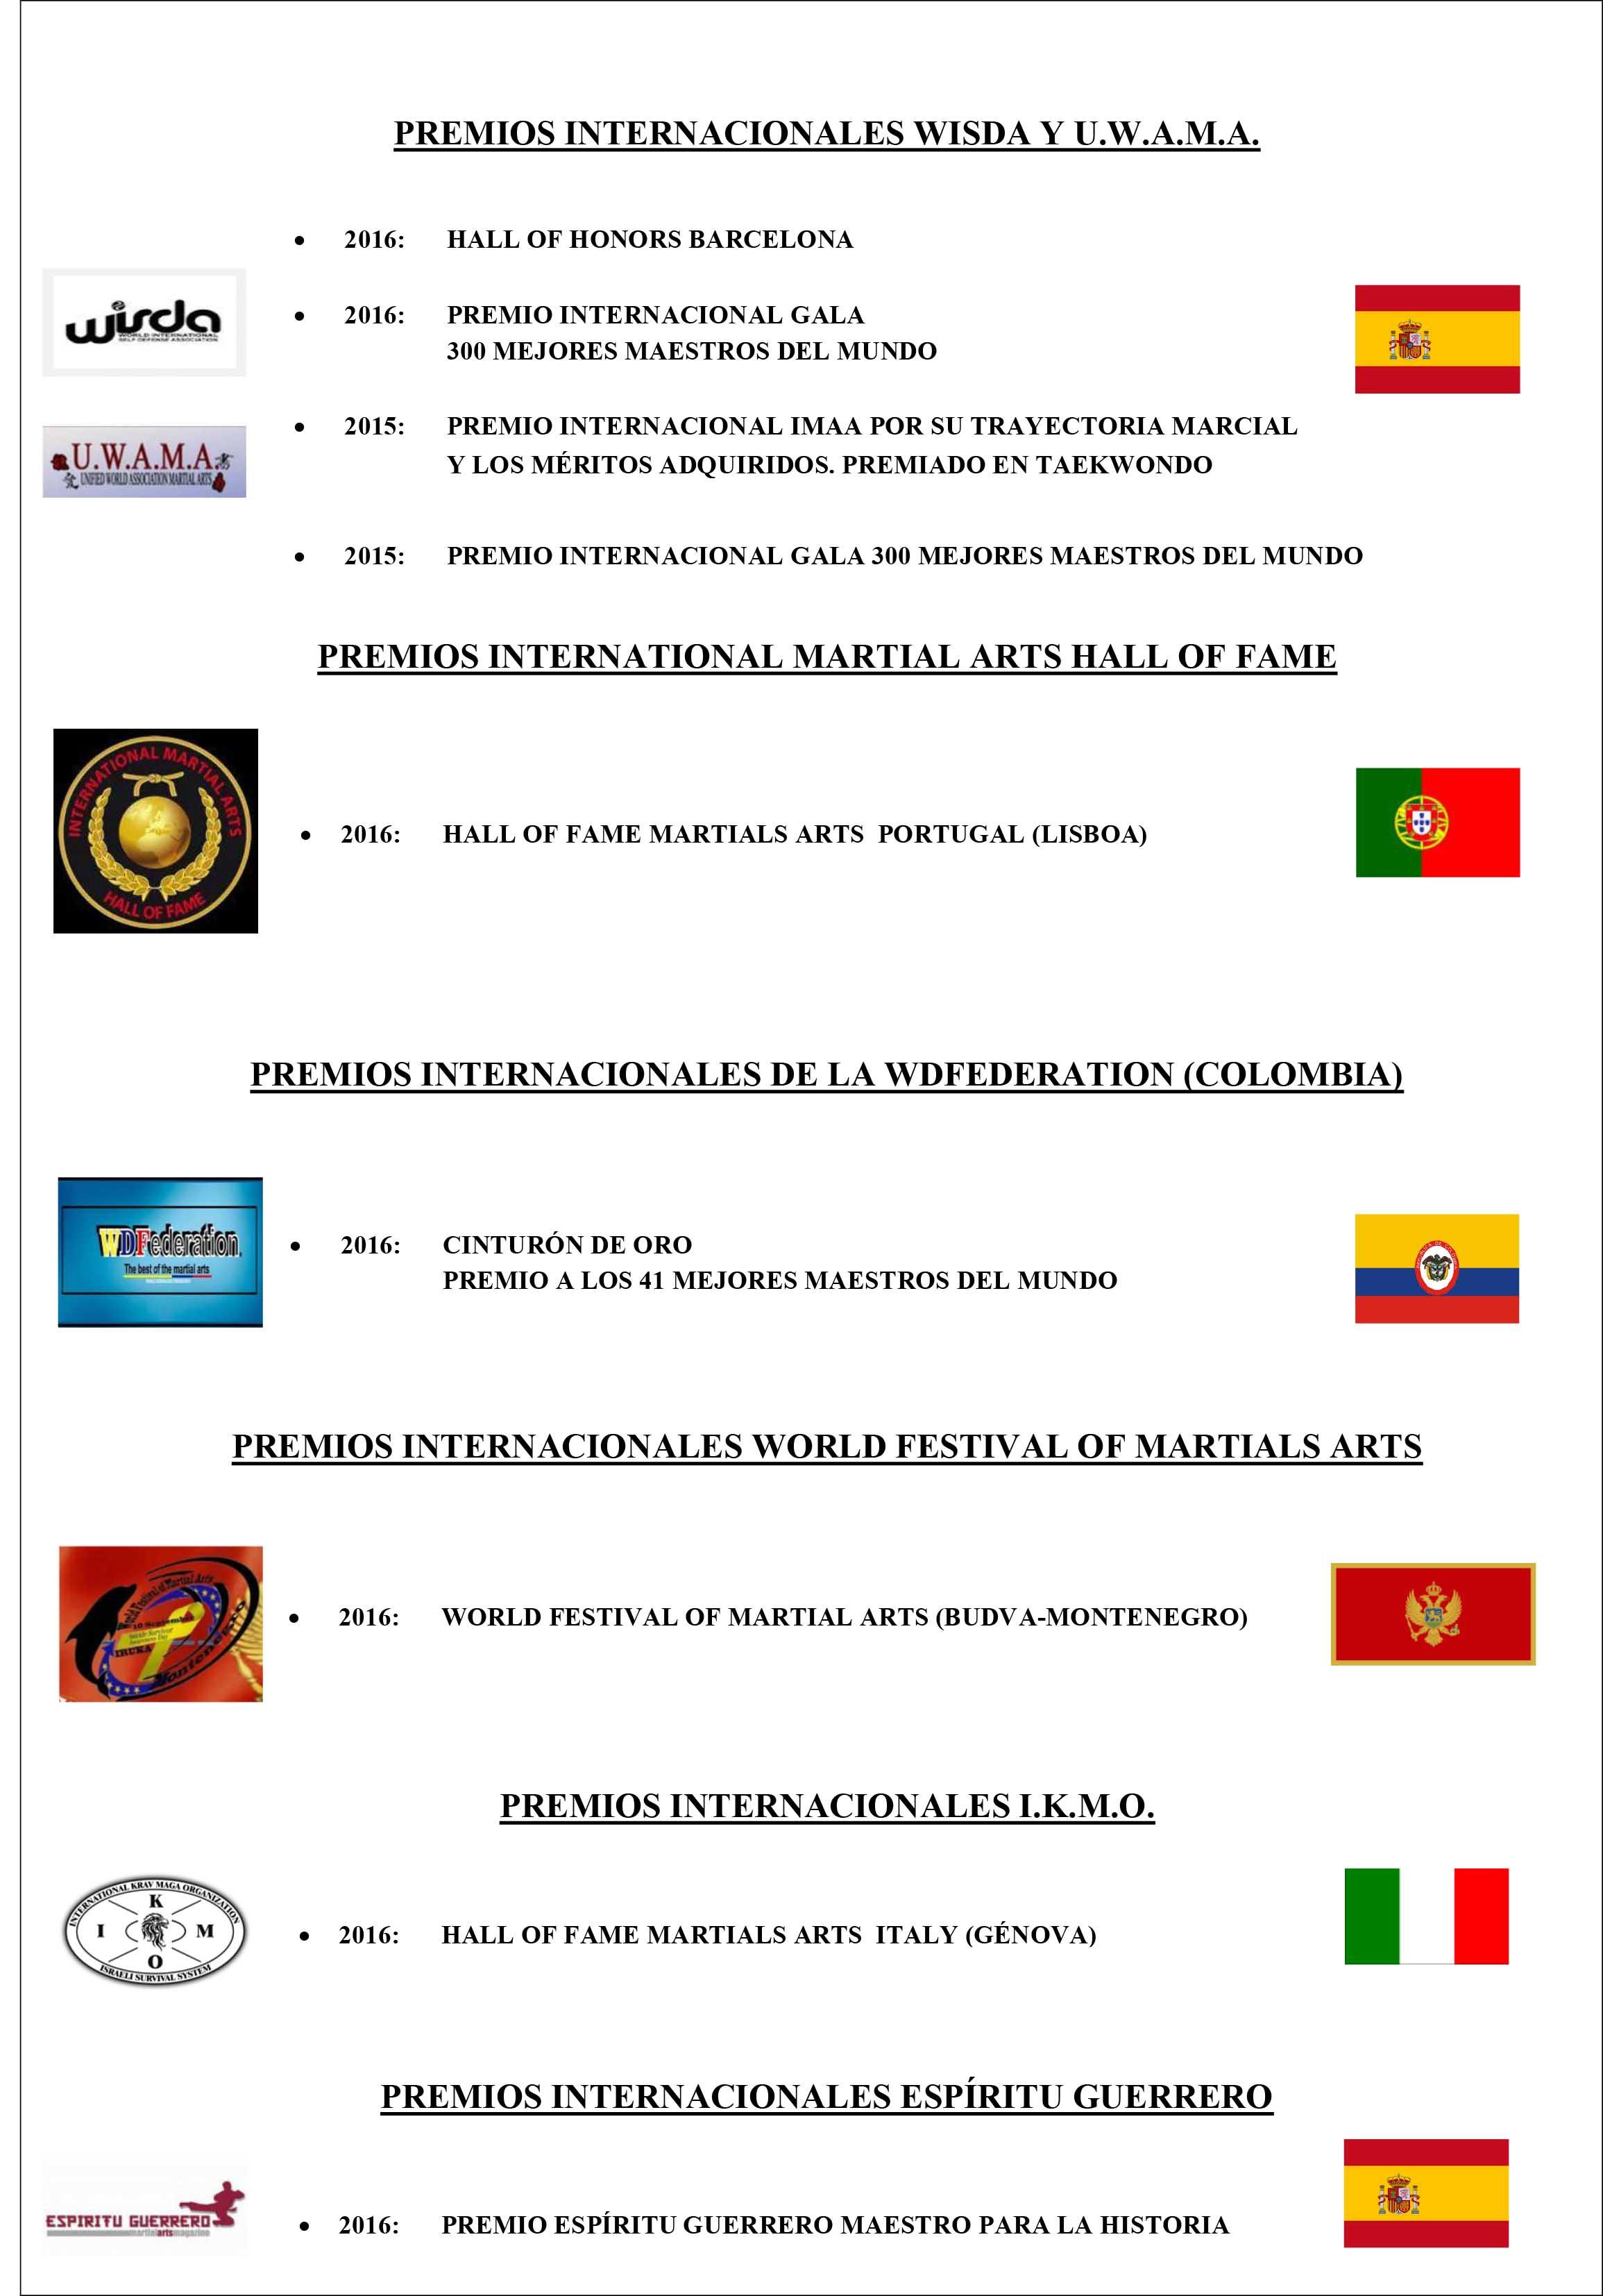 CV-GELE-e-historia-club-actualizado-a-26-07-2016-5